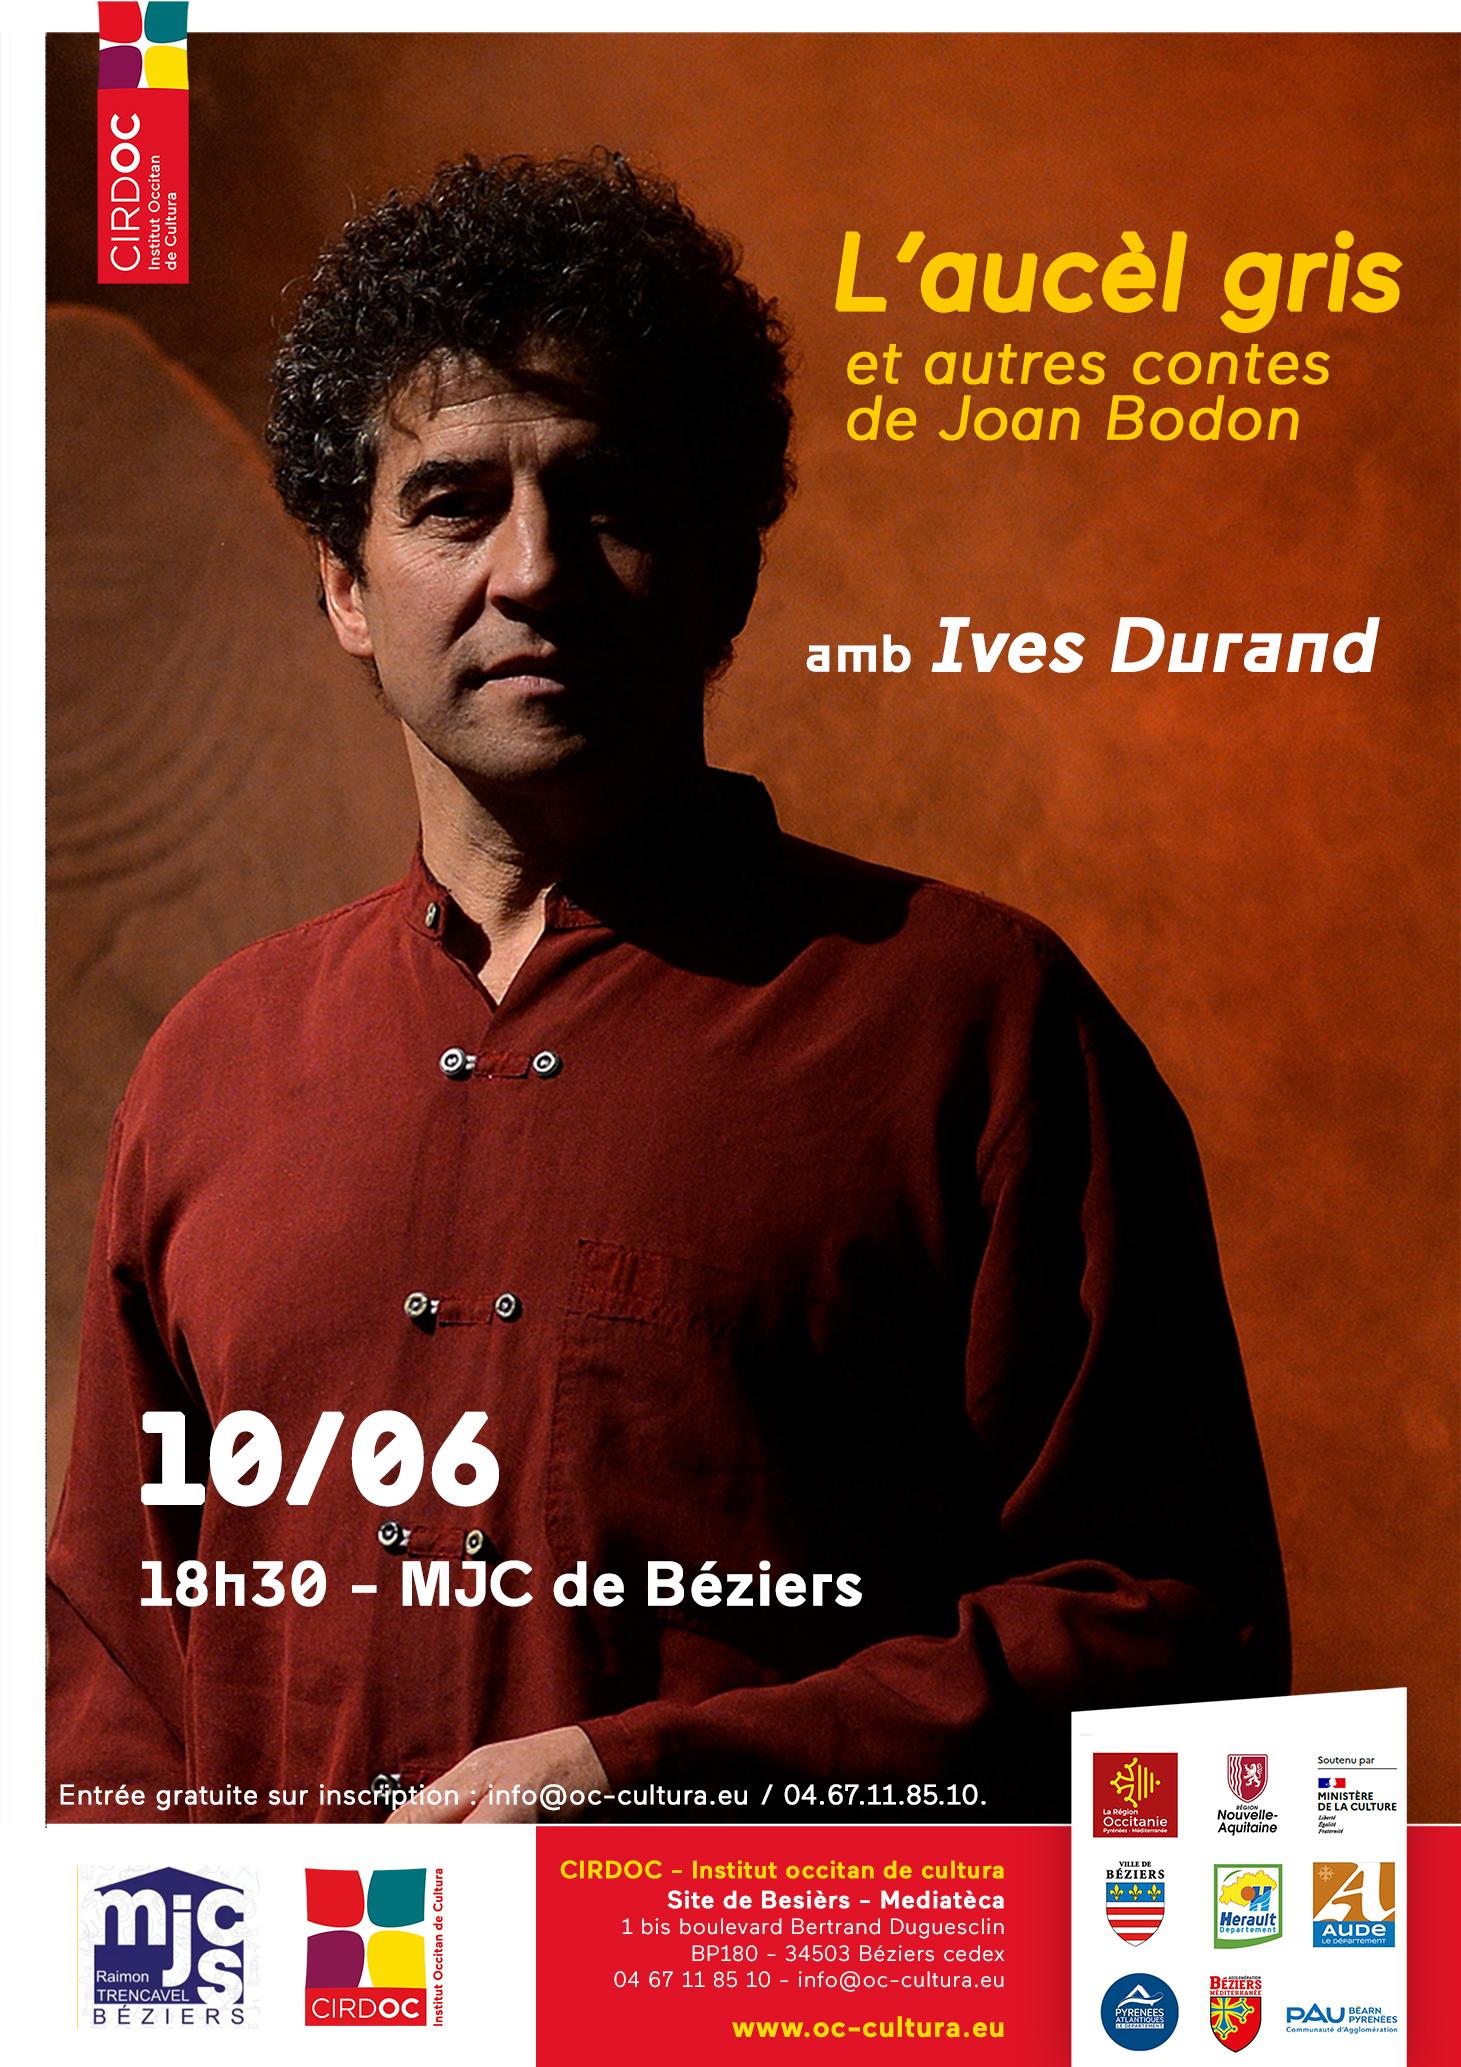 « L'Aucèl gris e autres contes de Joan Bodon » - Espectacle d'Ives Durand